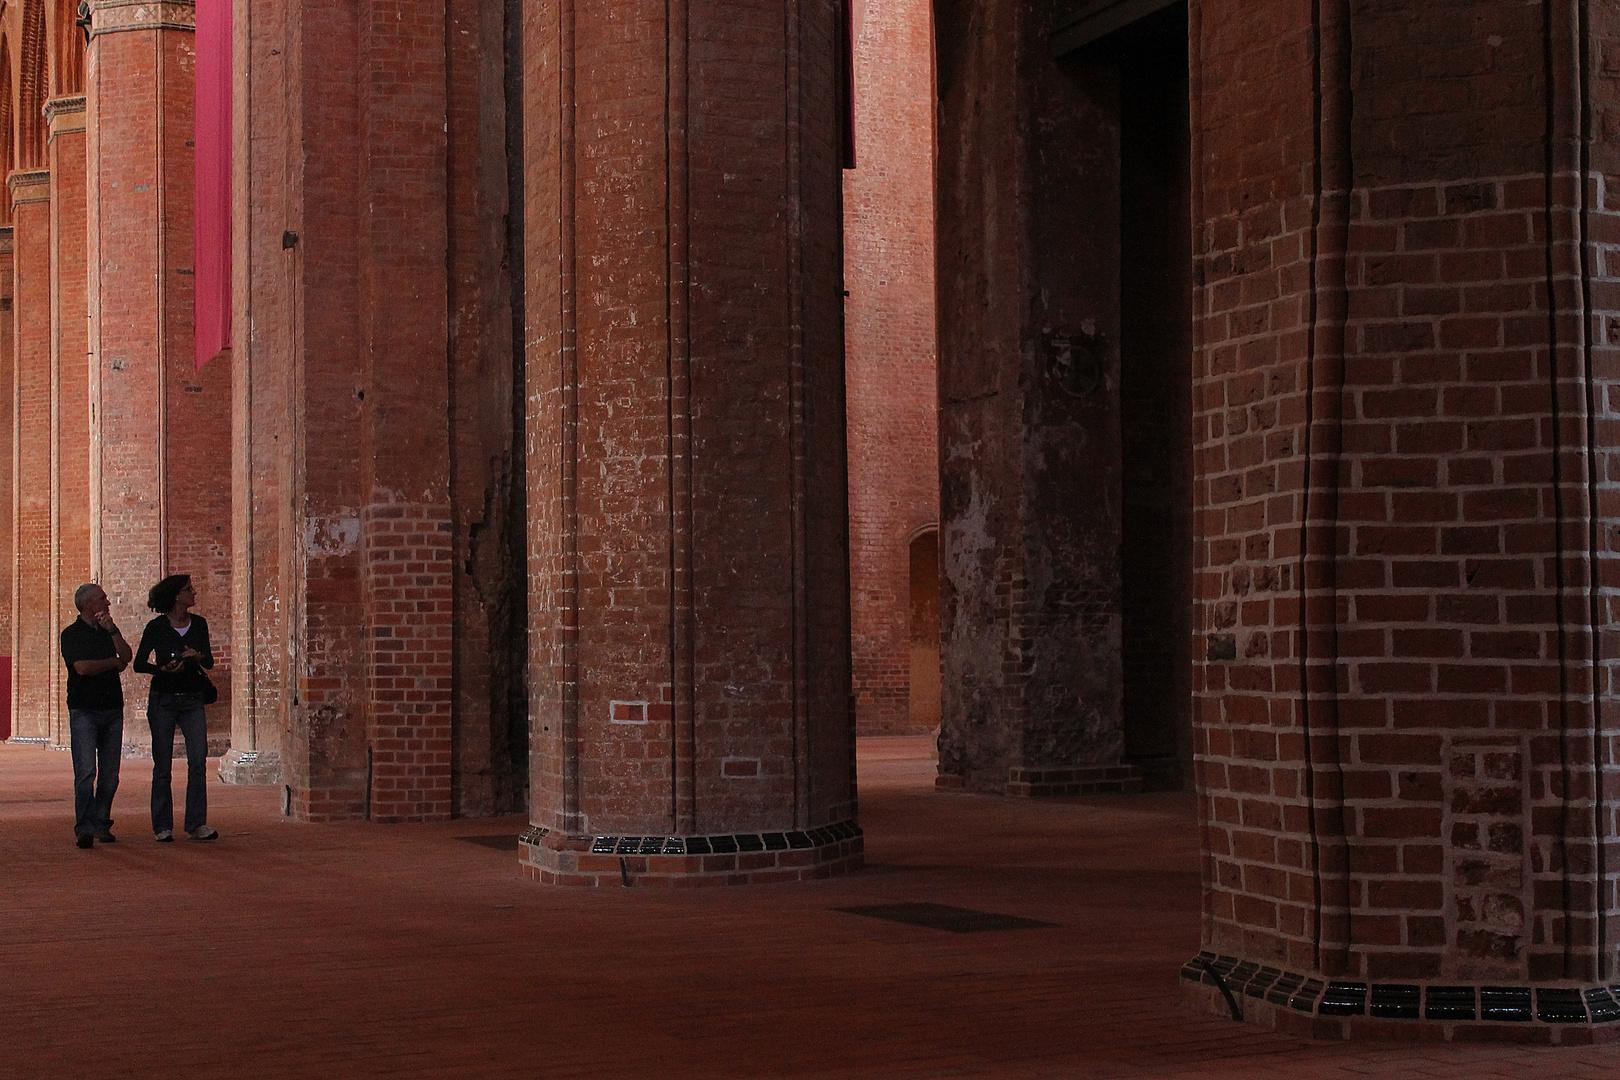 St.Georgen Wismar: Größenverhältnisse